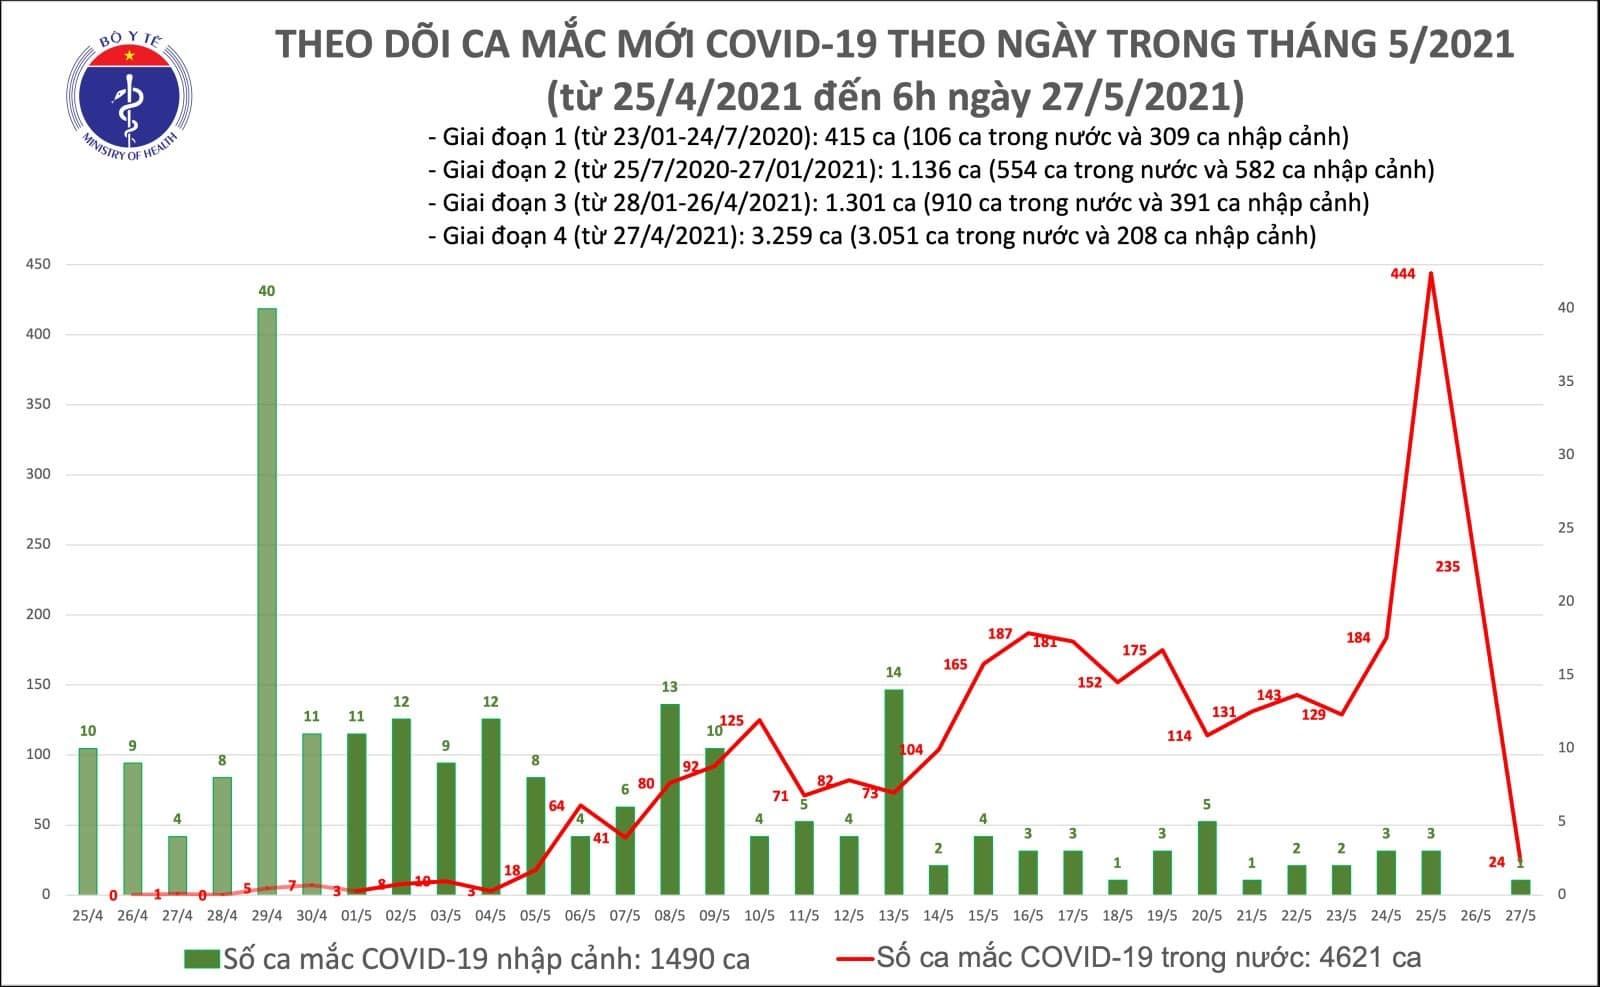 Sáng 27/5, thêm 24 ca Covid-19 trong nước tại Bắc Giang và Lạng Sơn